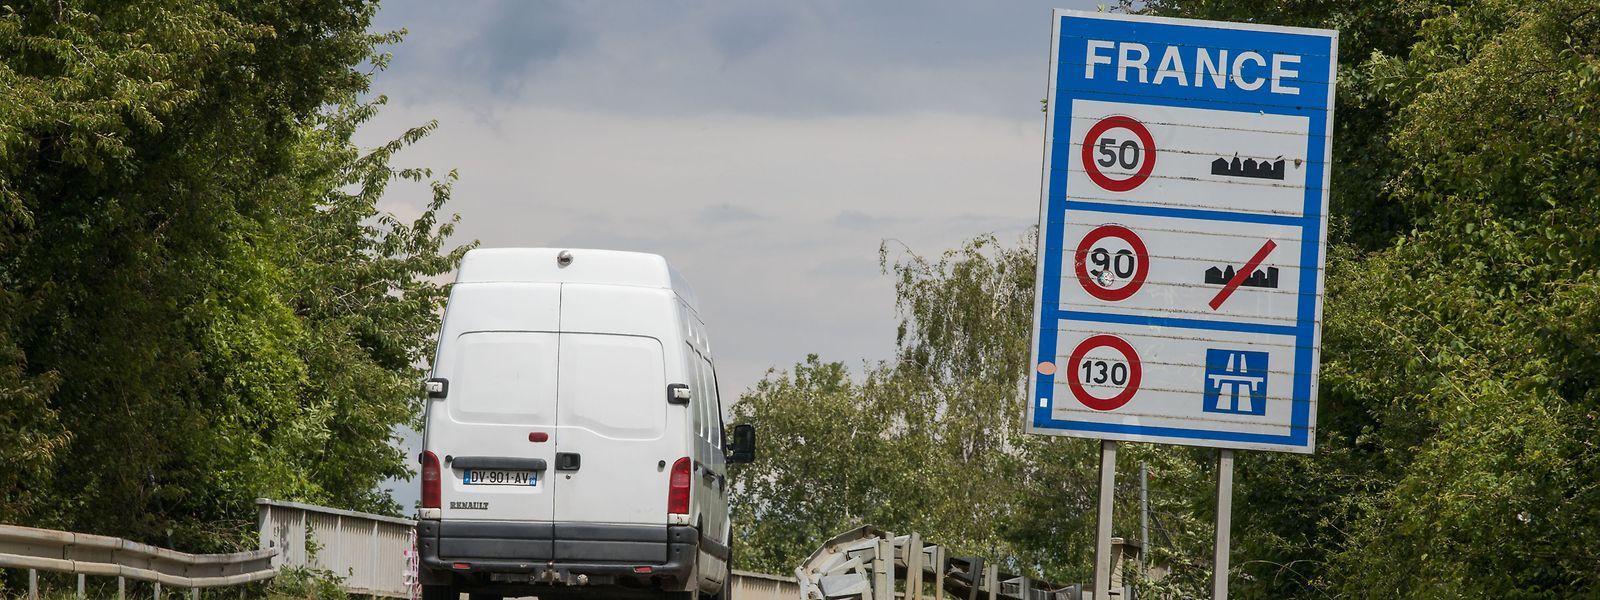 La propagation du virus s'accélère de l'autre côté de la frontière, aussi bien côté français que belge.